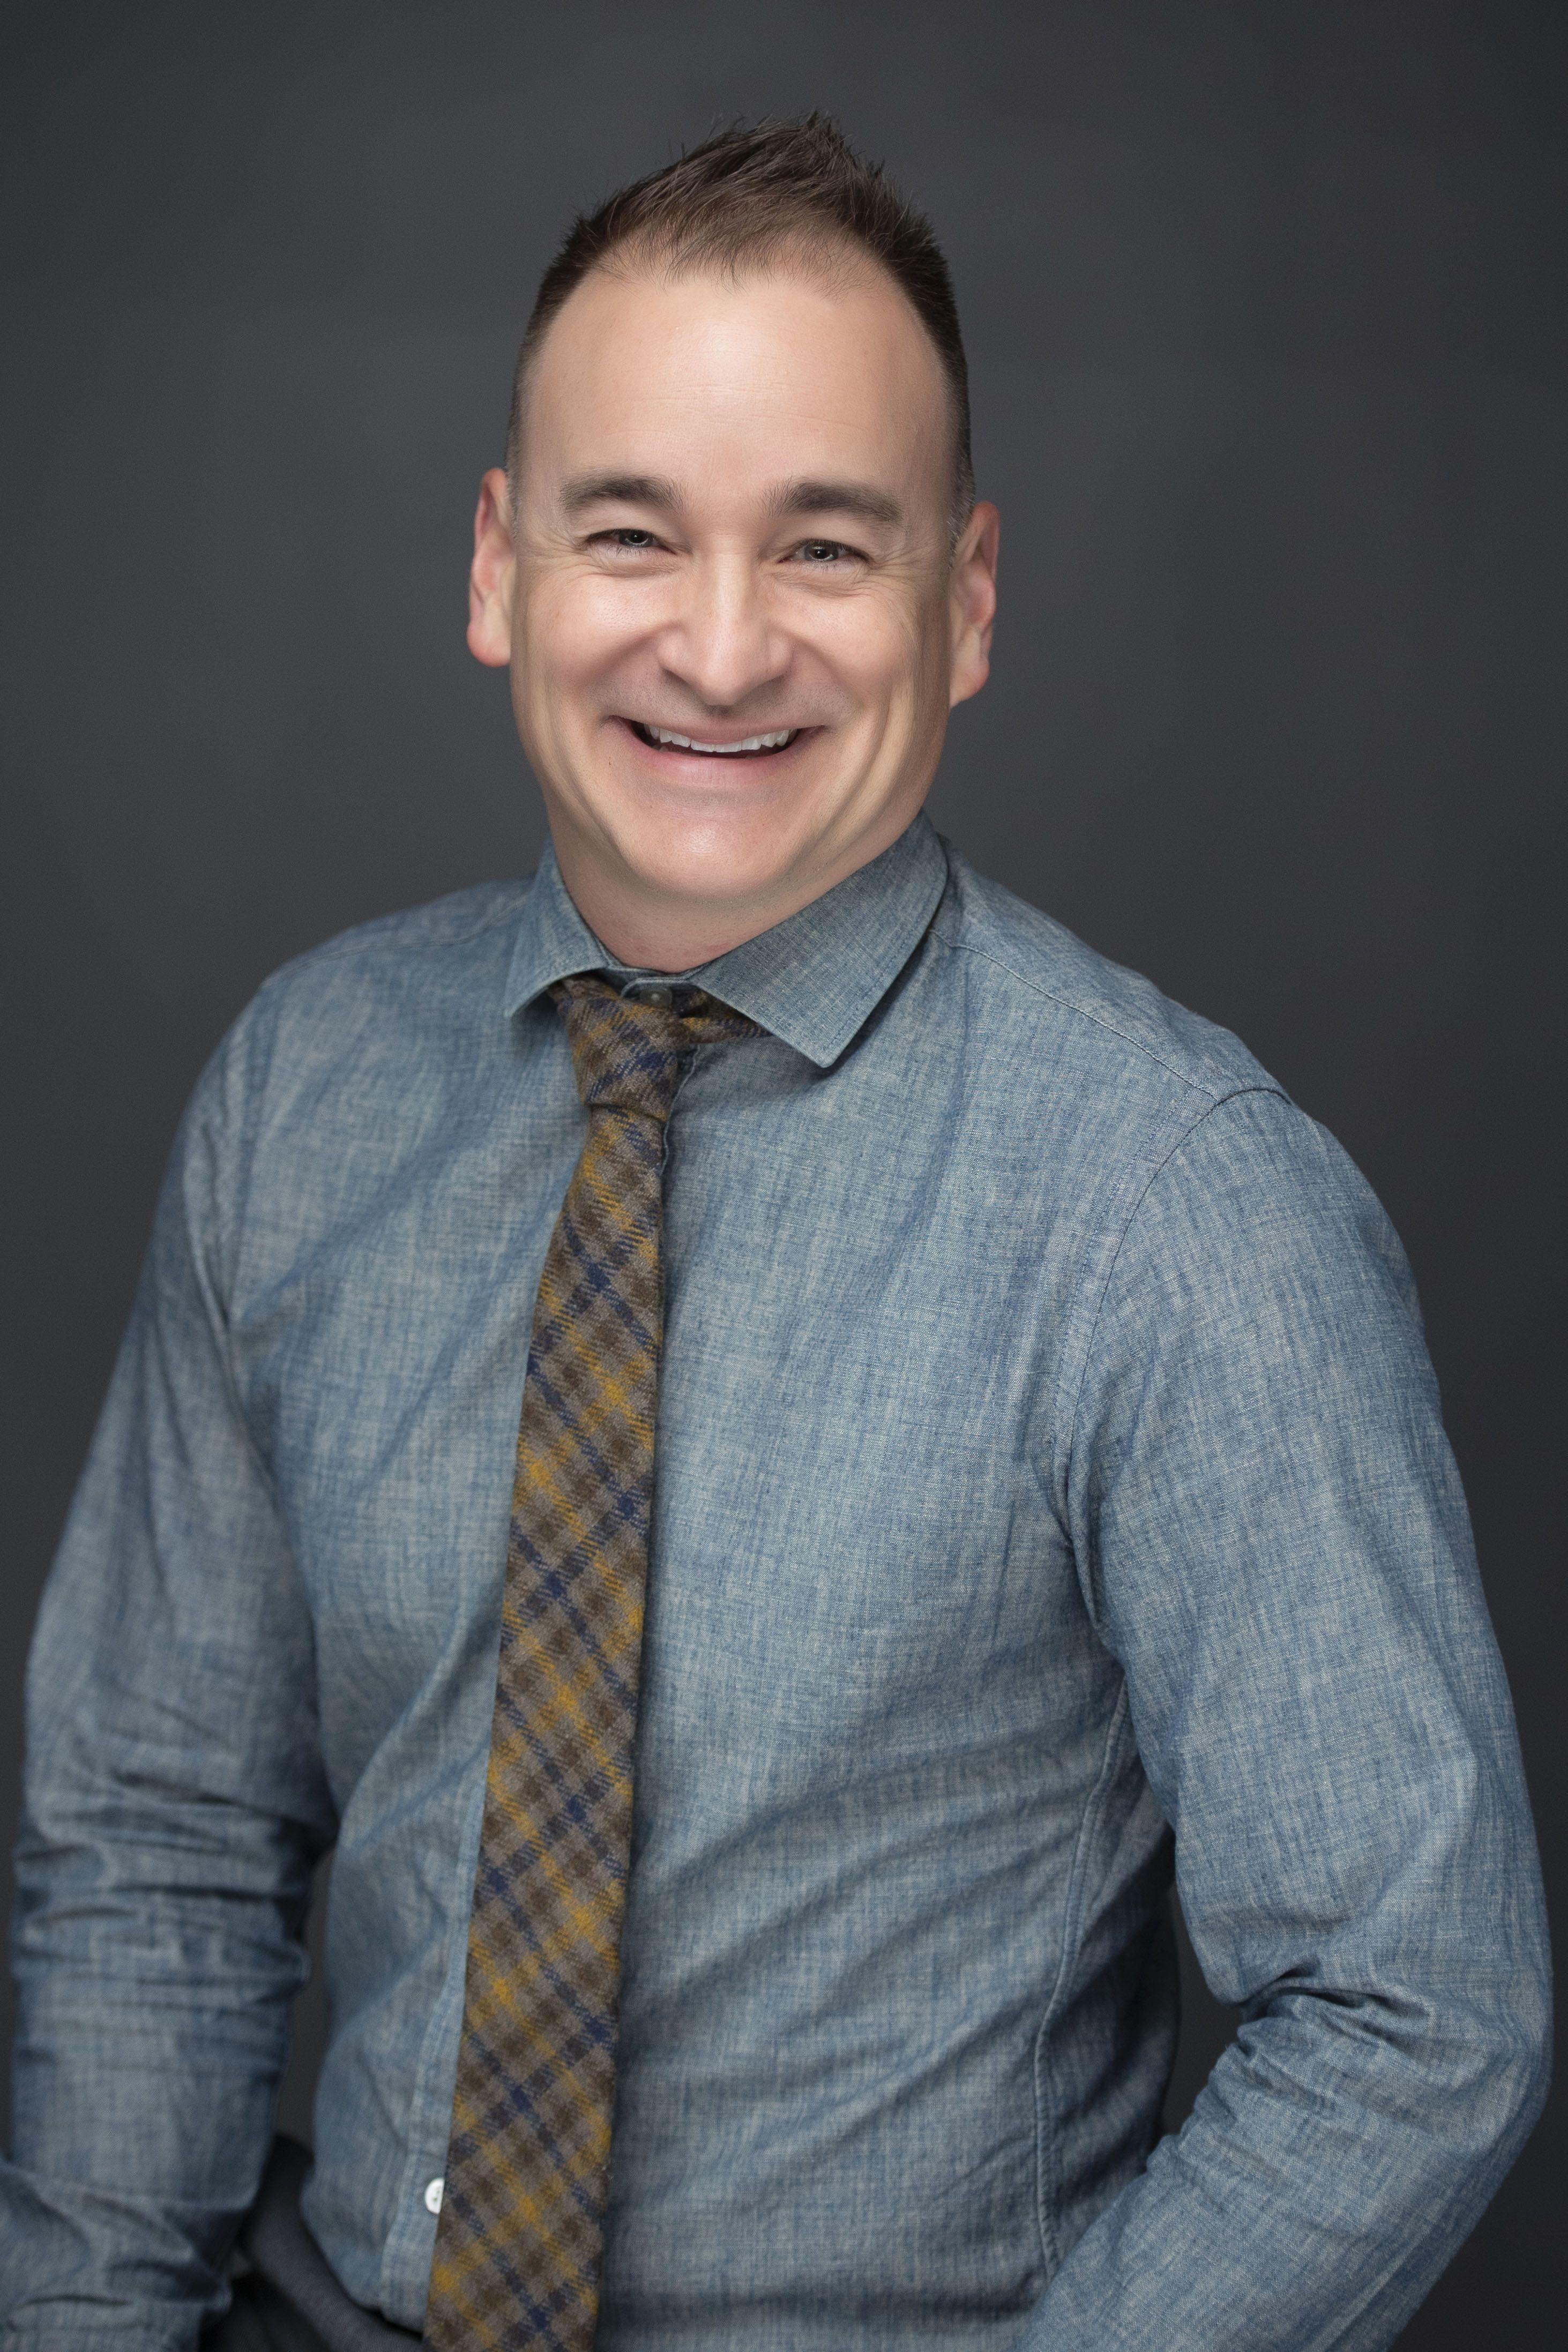 Dr. Mark Siefkes